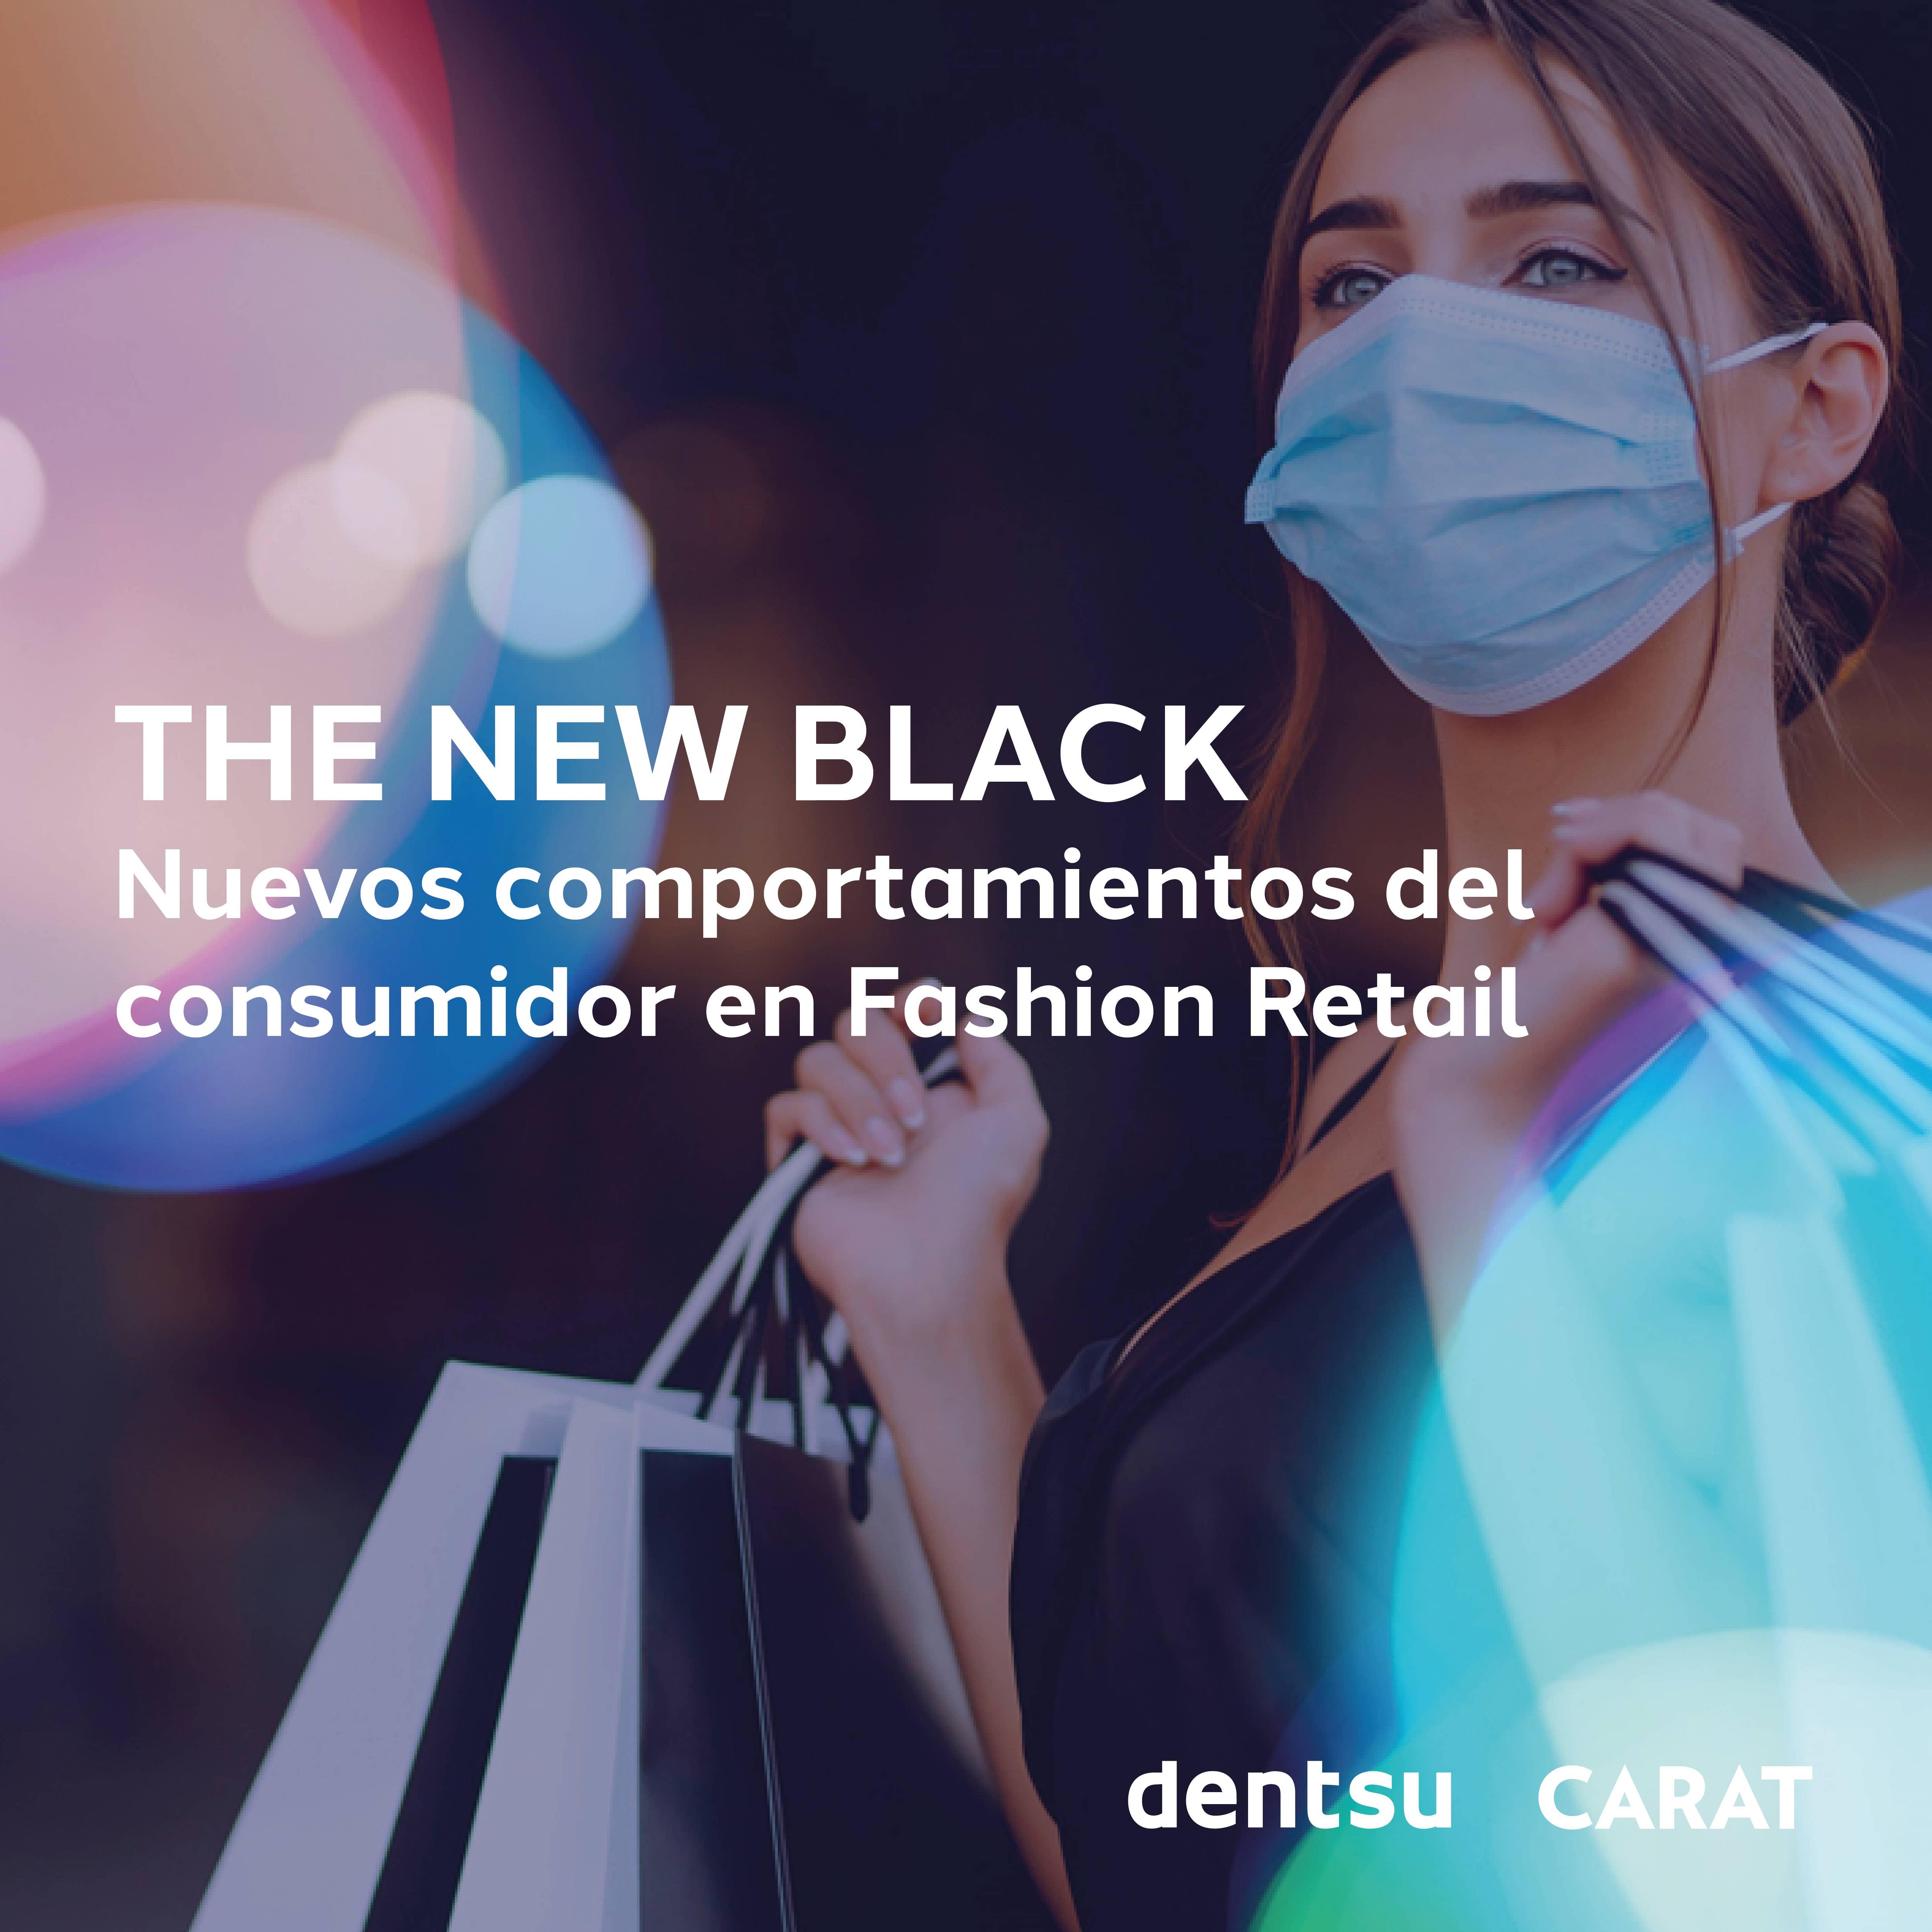 THE NEW BLACK: Nuevos comportamientos del consumidor en Fashion Retail